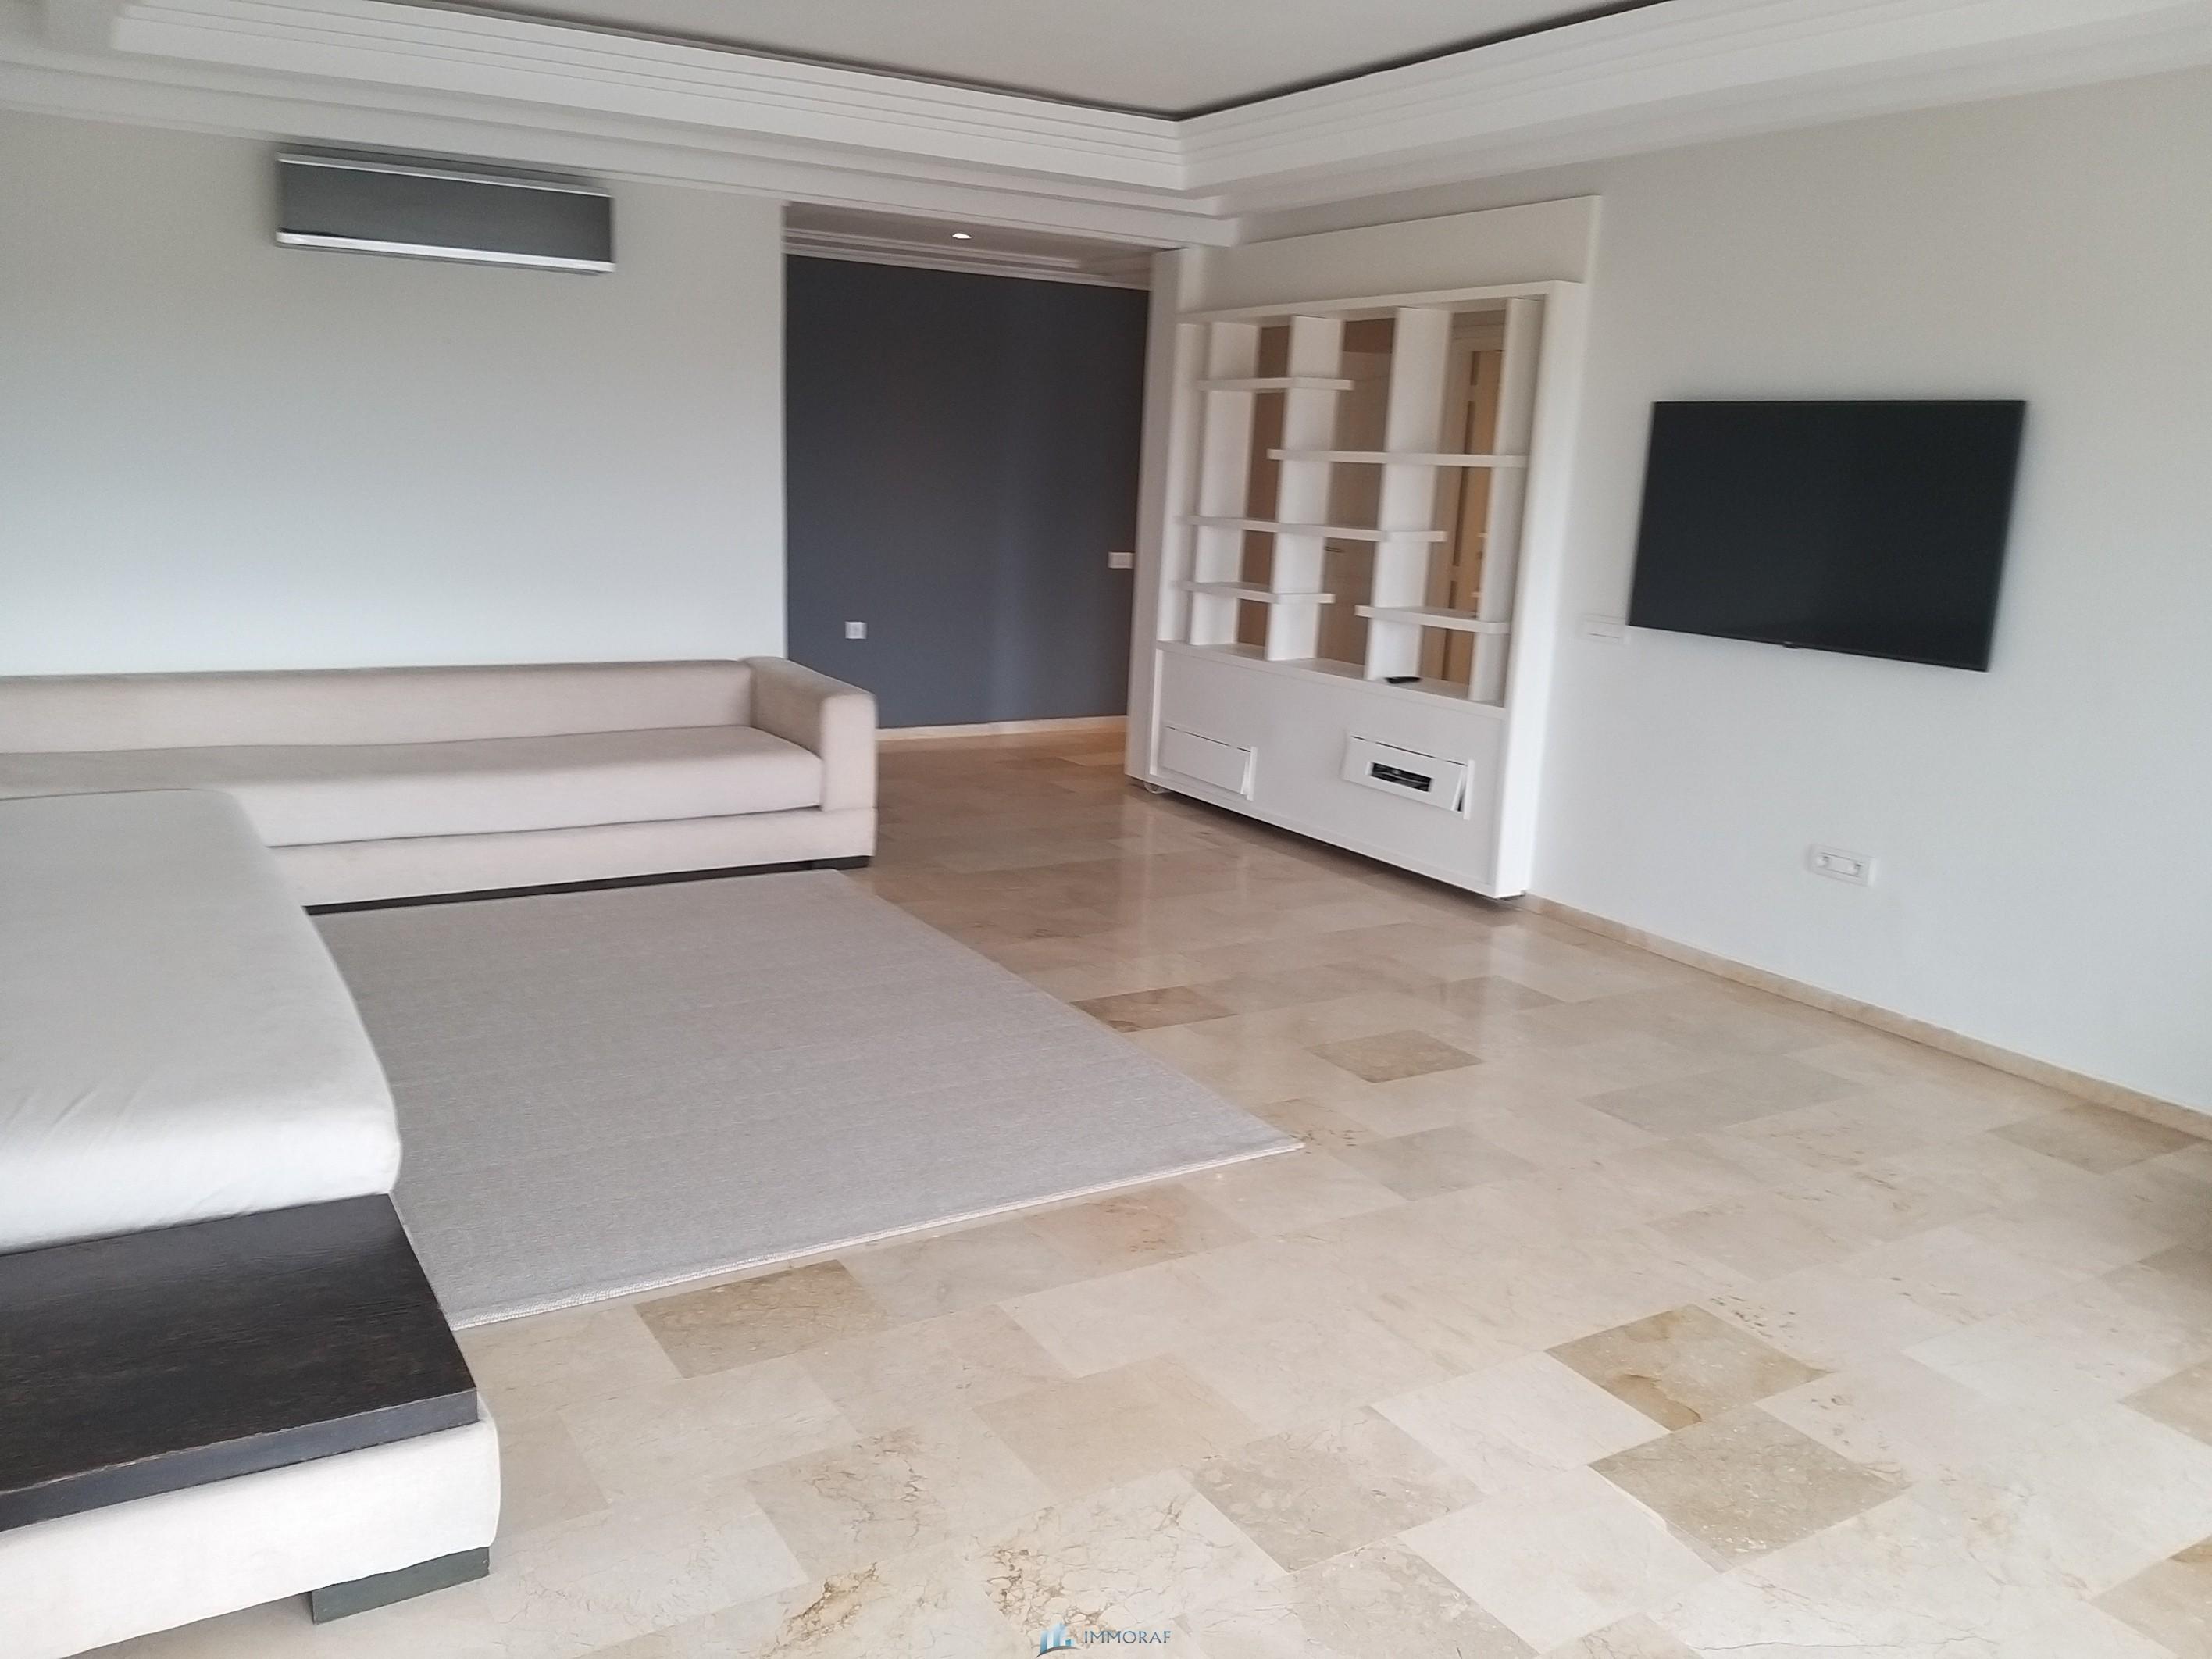 Location Appartement Vide Racine Casablanca